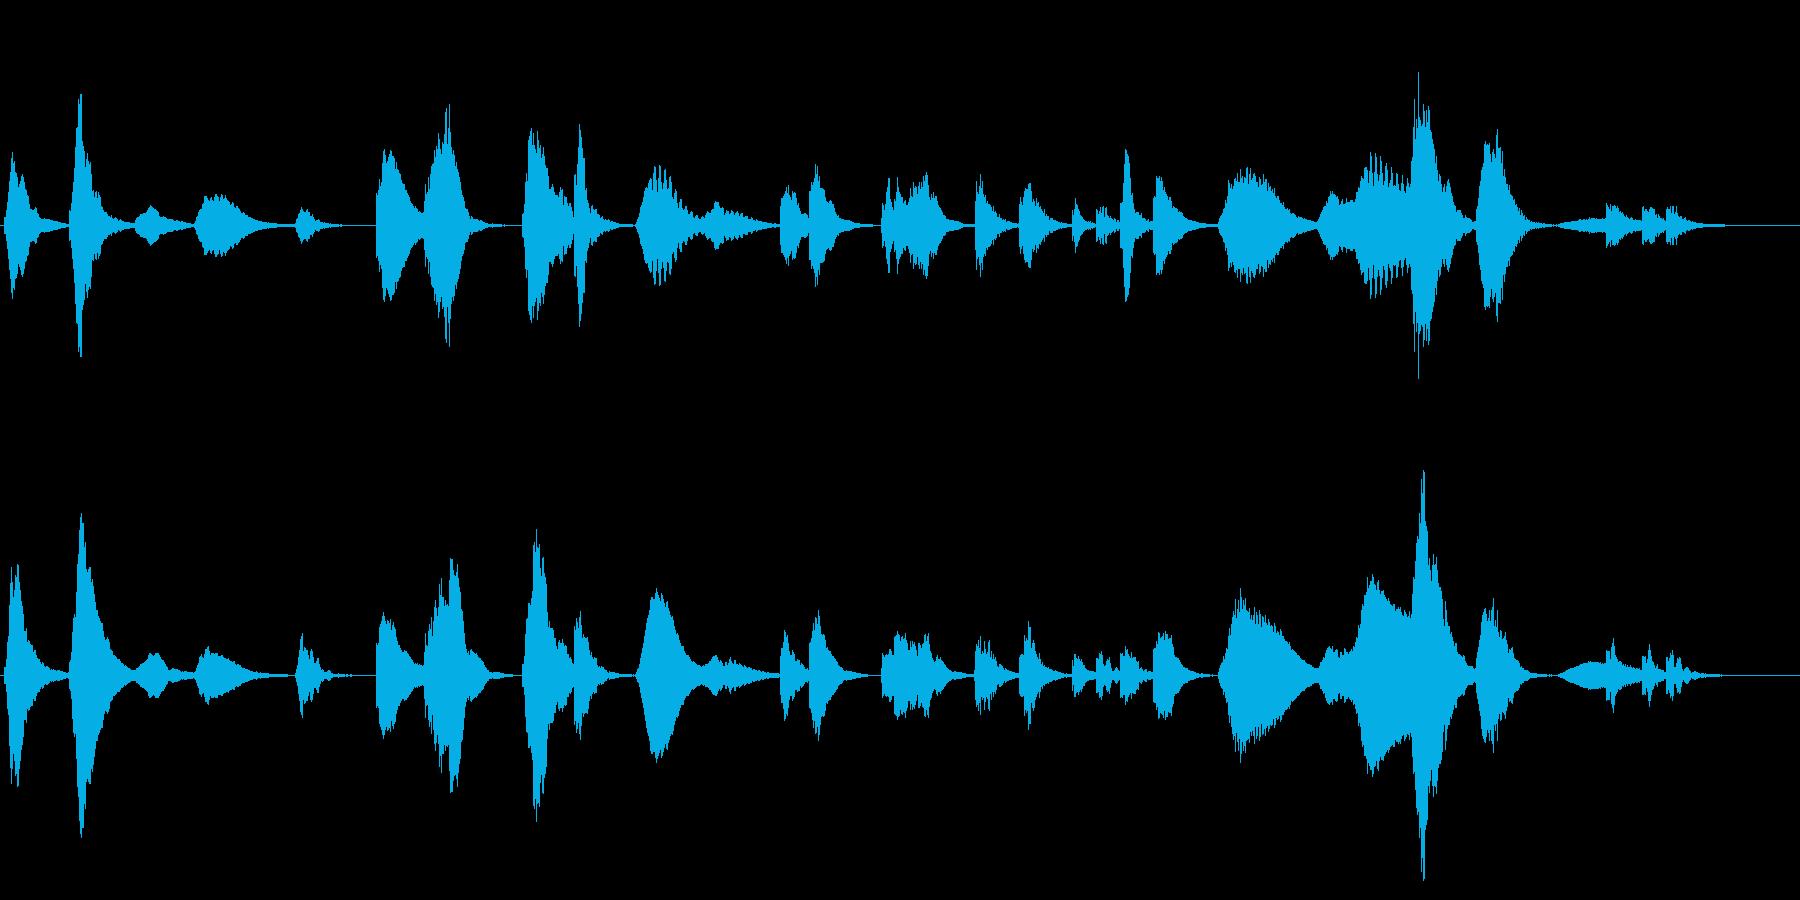 劇伴 前衛音楽風ホラーアンビエントの再生済みの波形